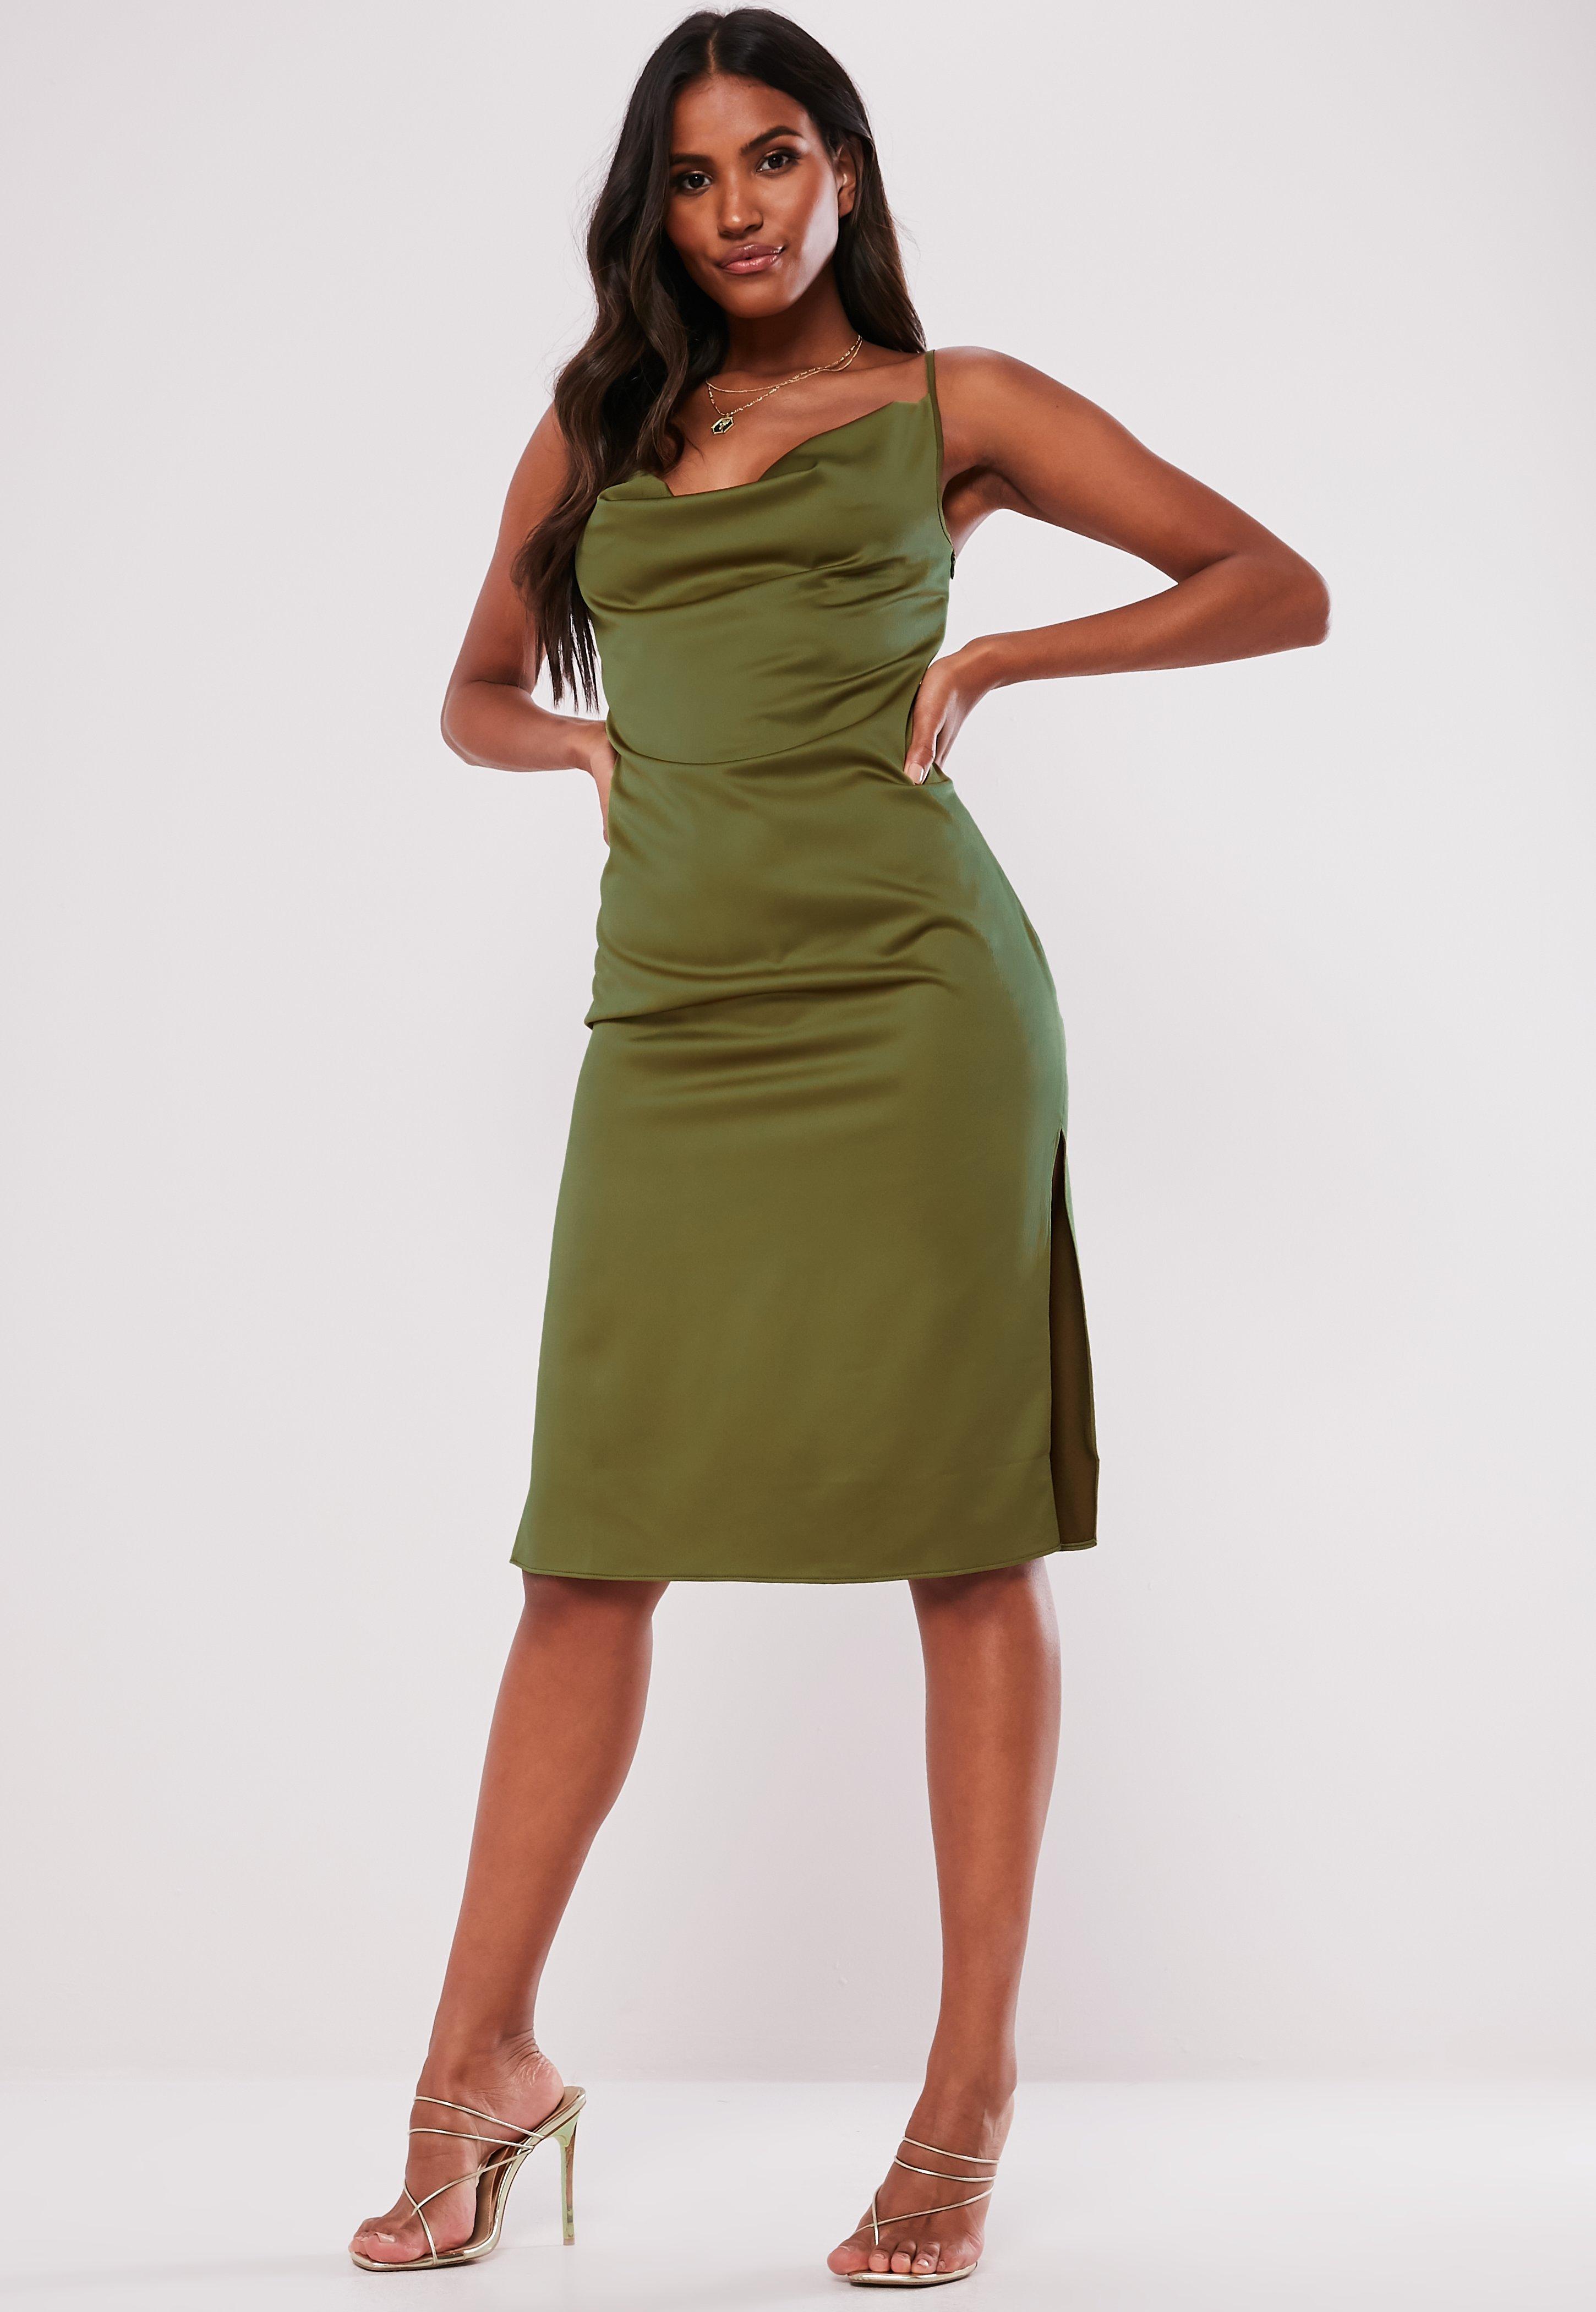 eb87324920f8 Dresses UK